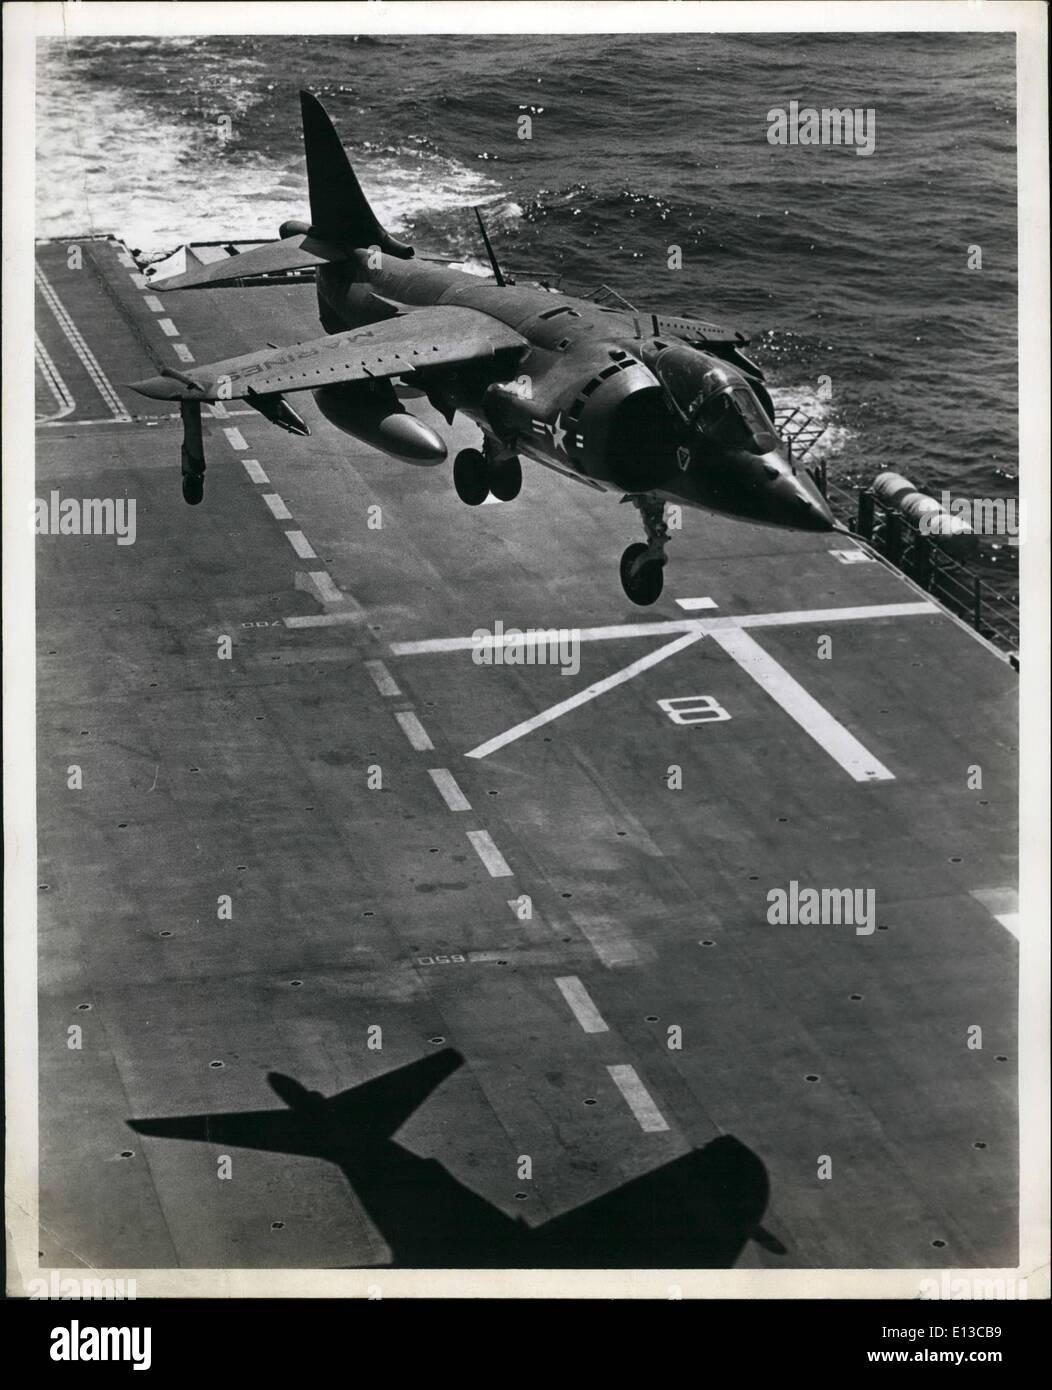 Feb. 29, 2012 - Harrier Jet Vertically taking off from deck of an L.H.A.[ (Tarawa class) amphibious assault ship] - Stock Image